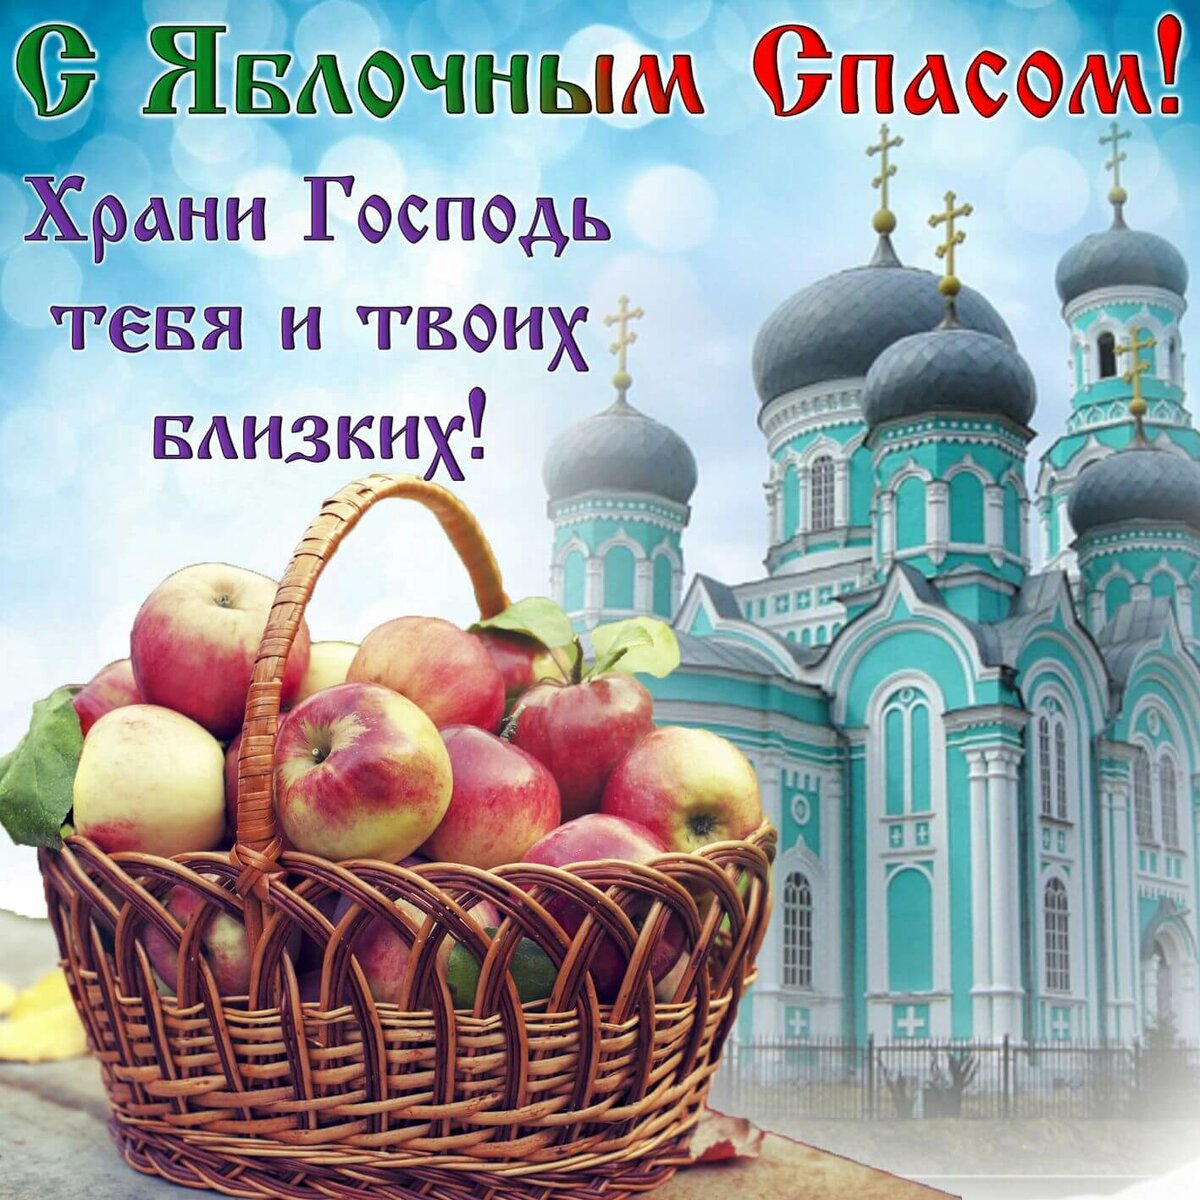 Поздравление и открытки с яблочным спасом